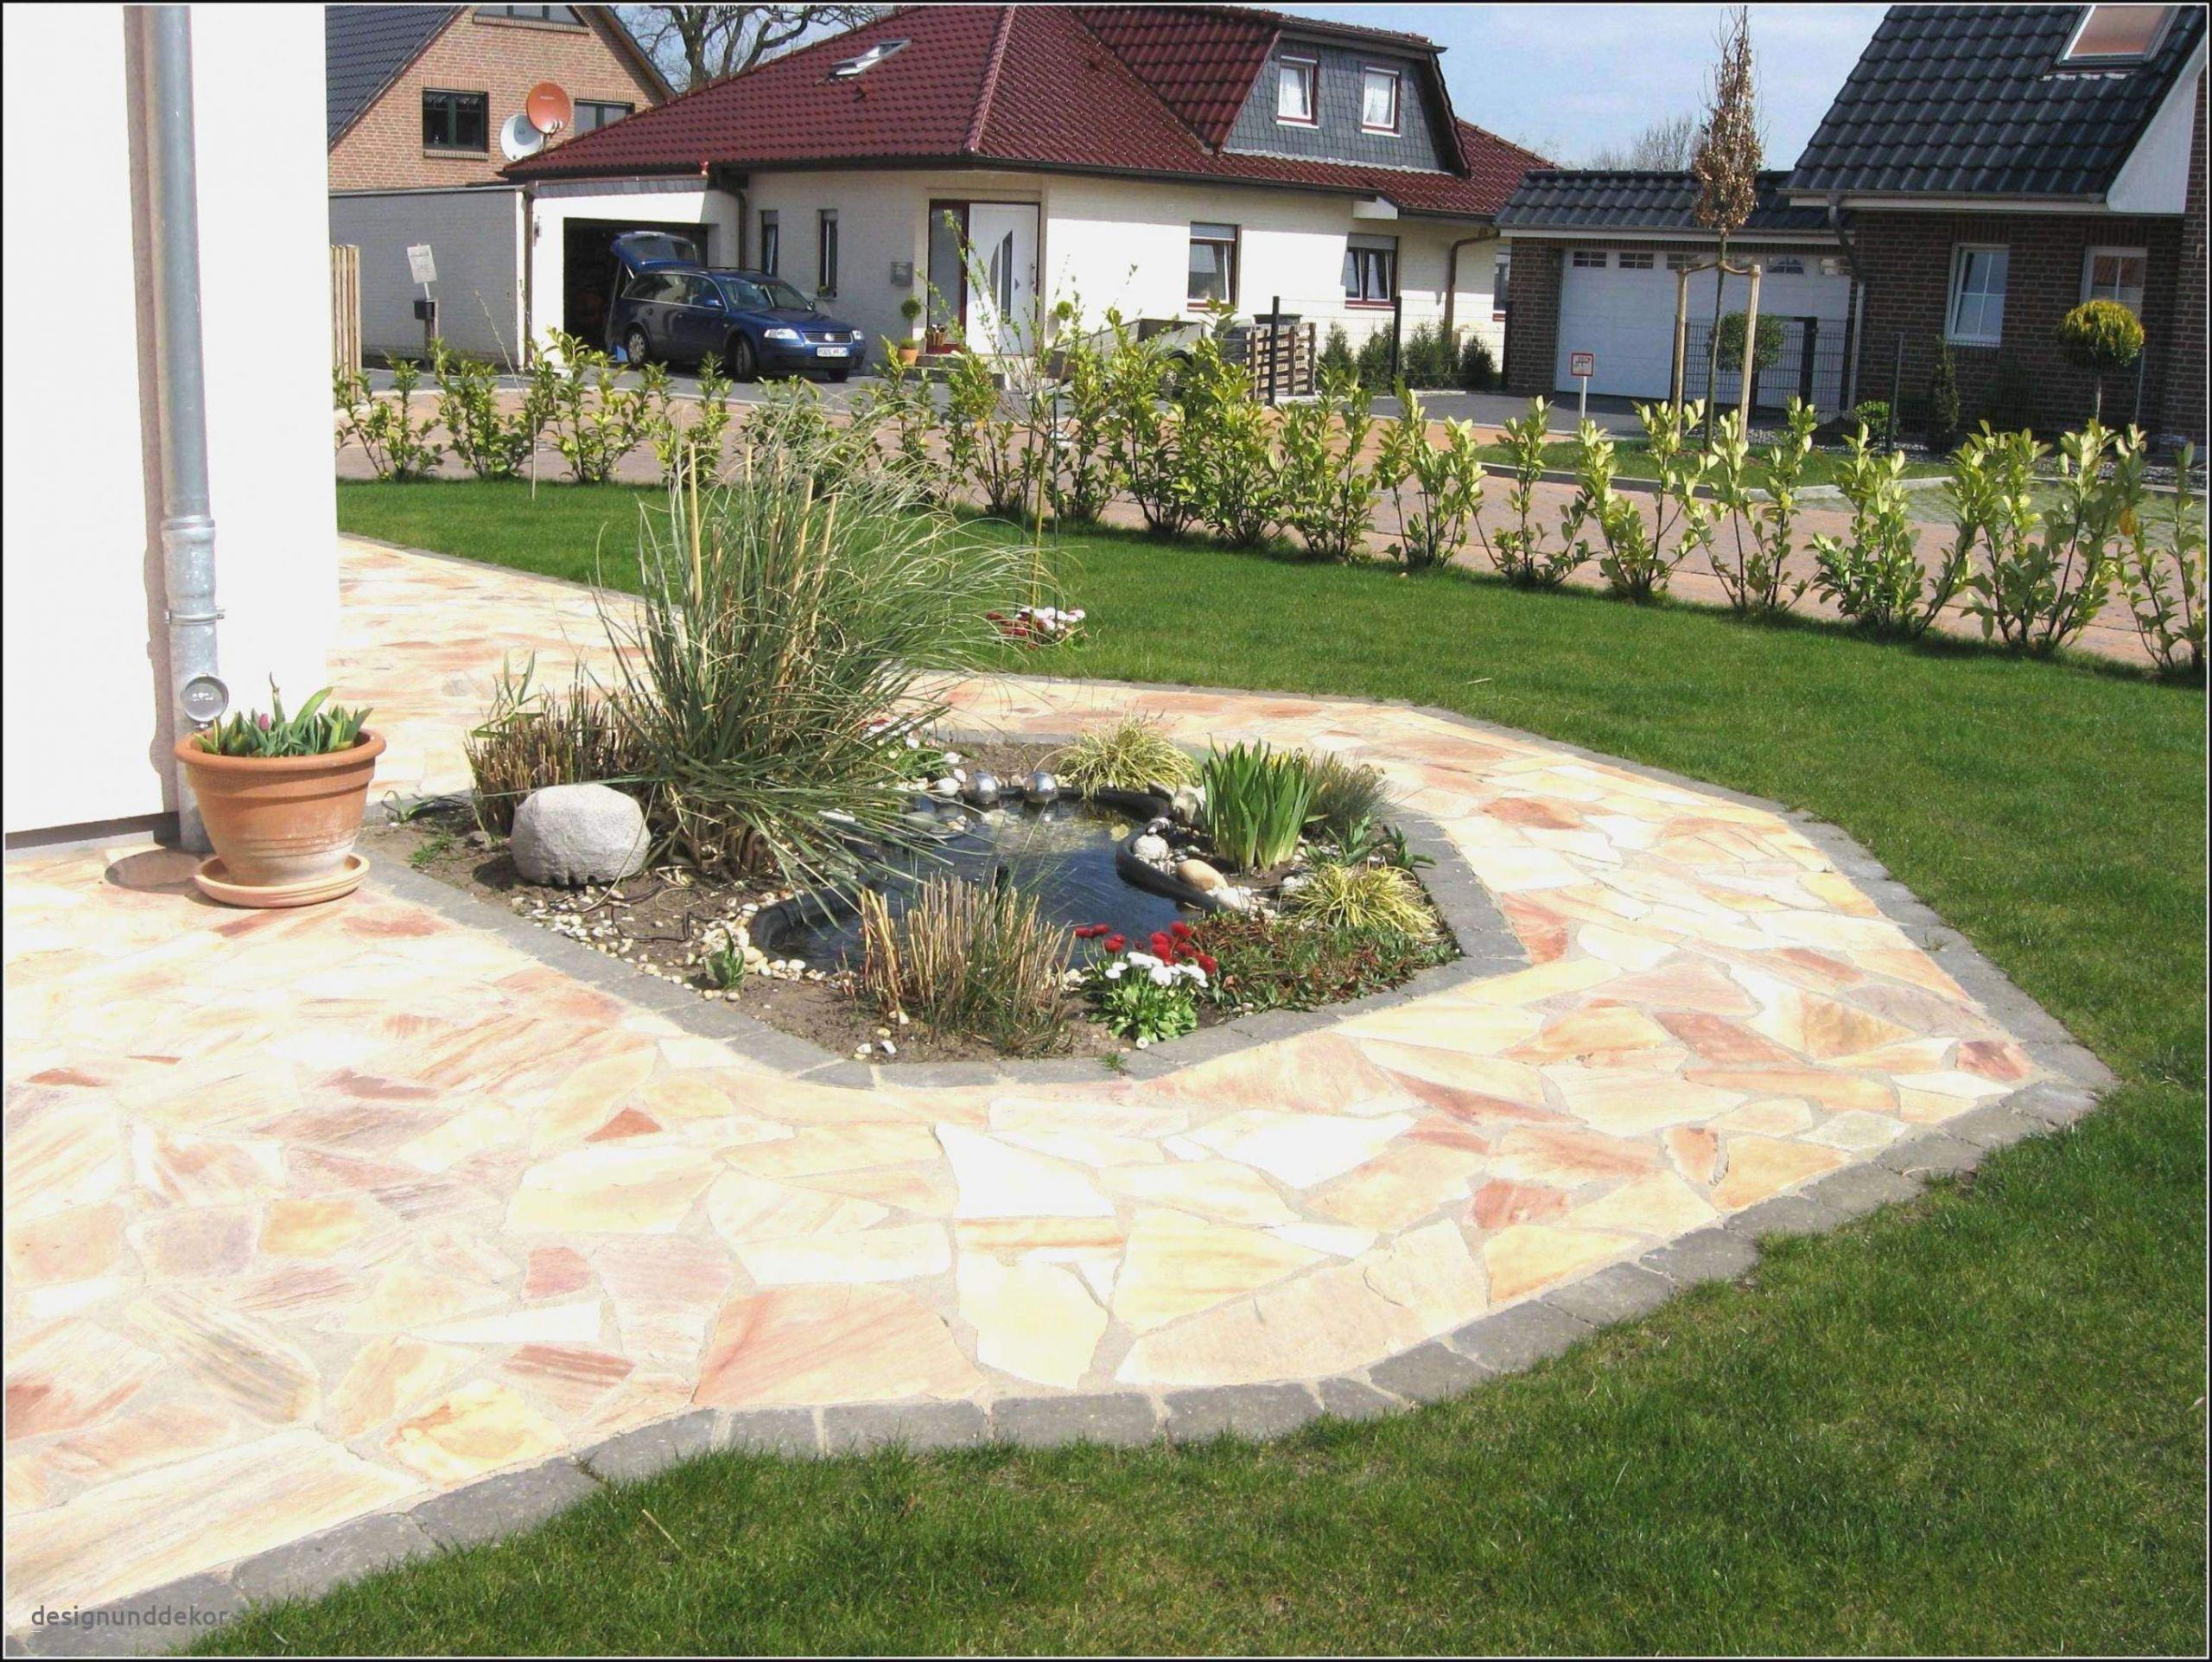 41 Best Of Garten Gestalten Mit Steinen Bonsai Tree Diy Garden Projects Garden Design